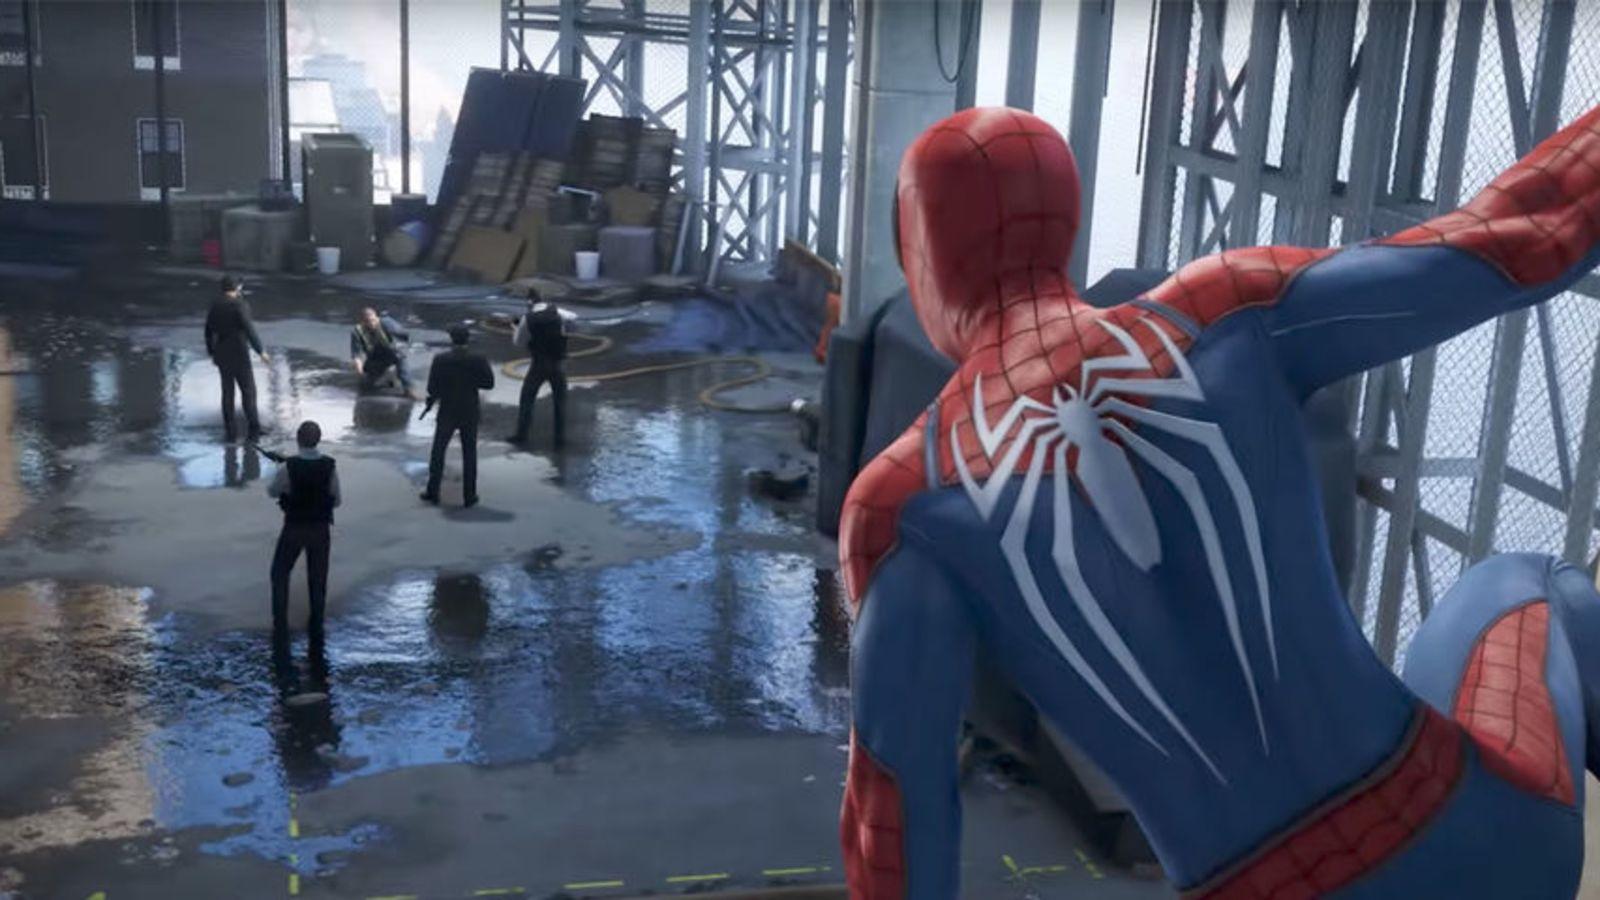 Новата Spider-Man дори още не е излязла – остават броени